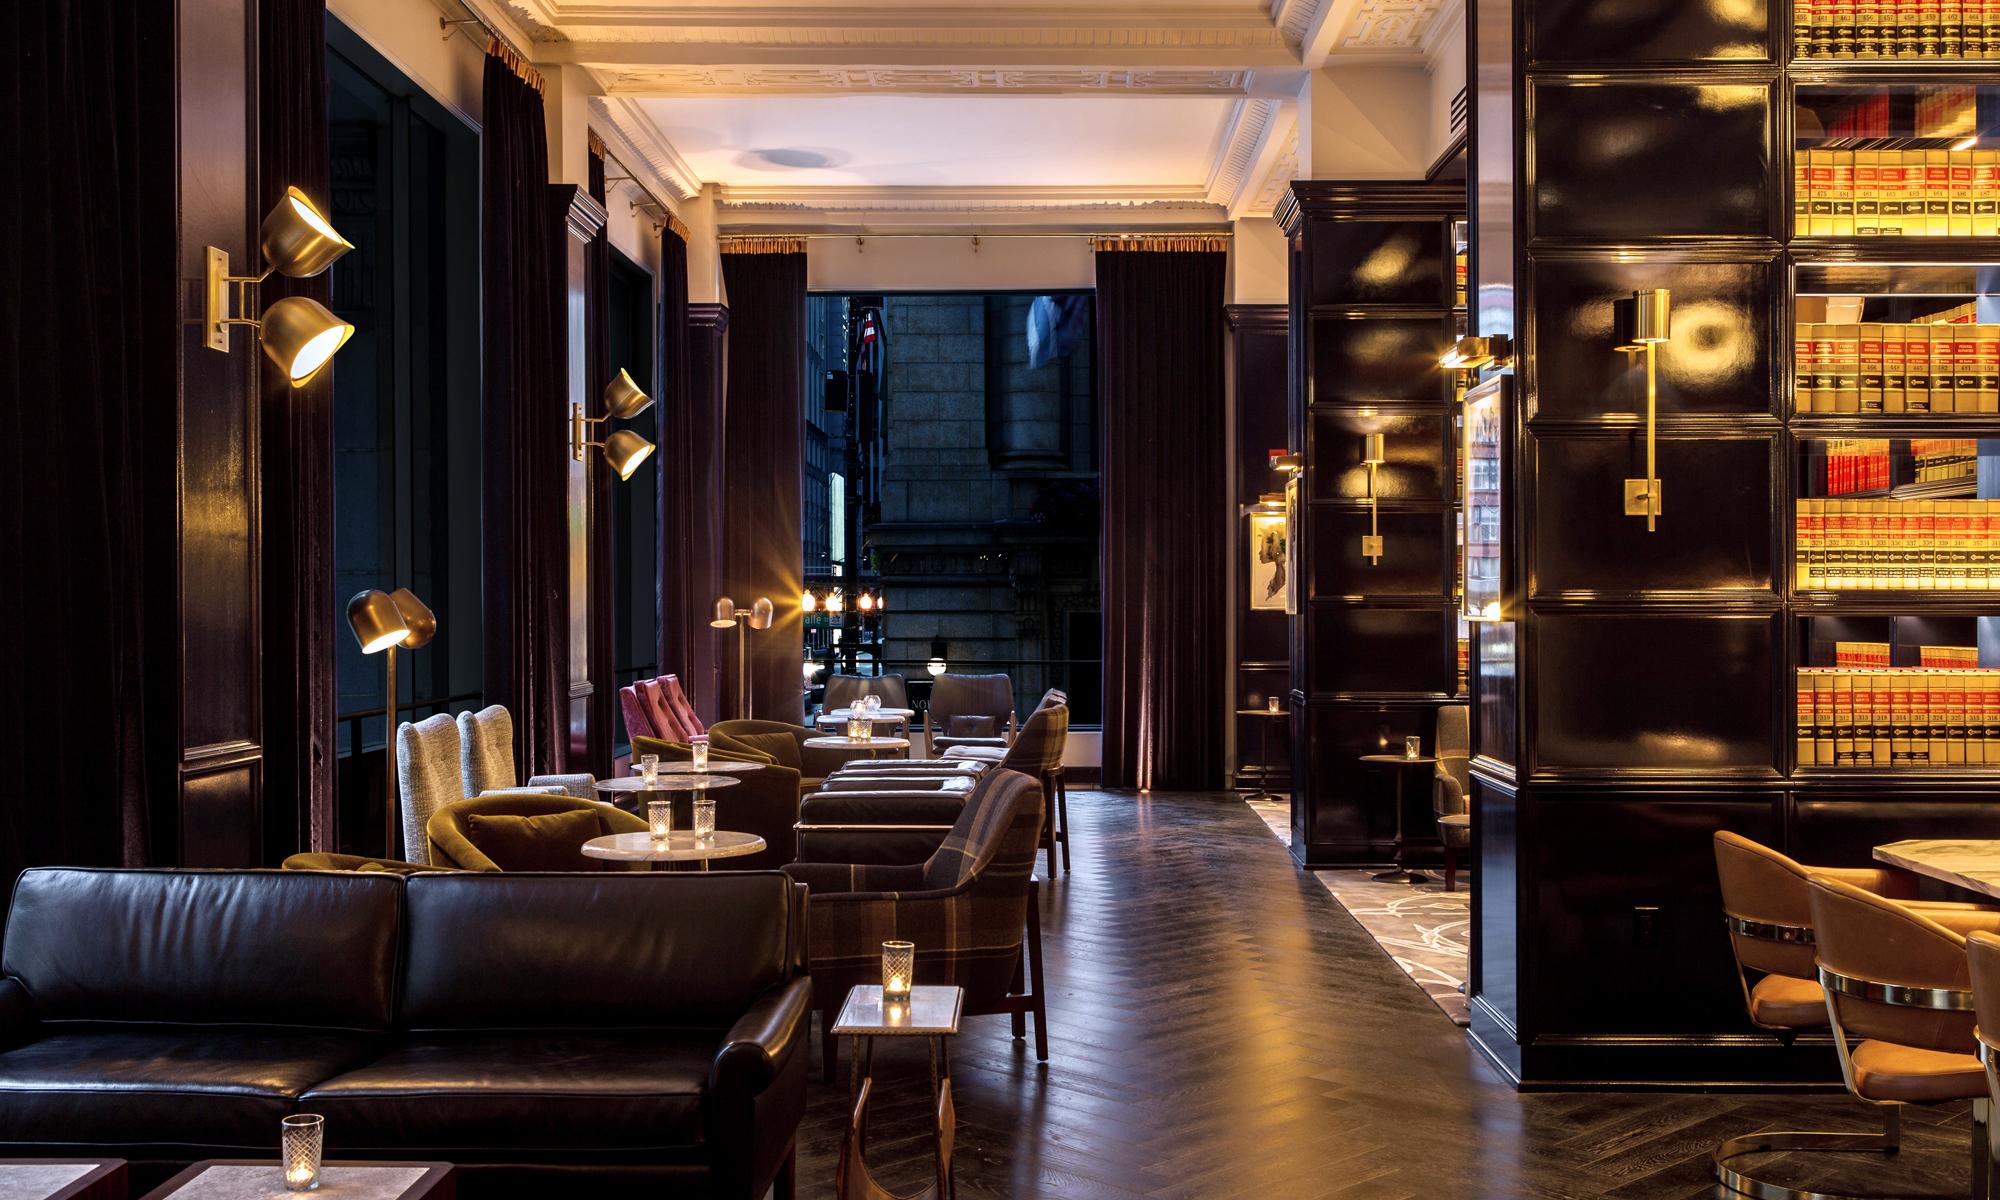 beleco_interiors_vol39_bar_chicago_02